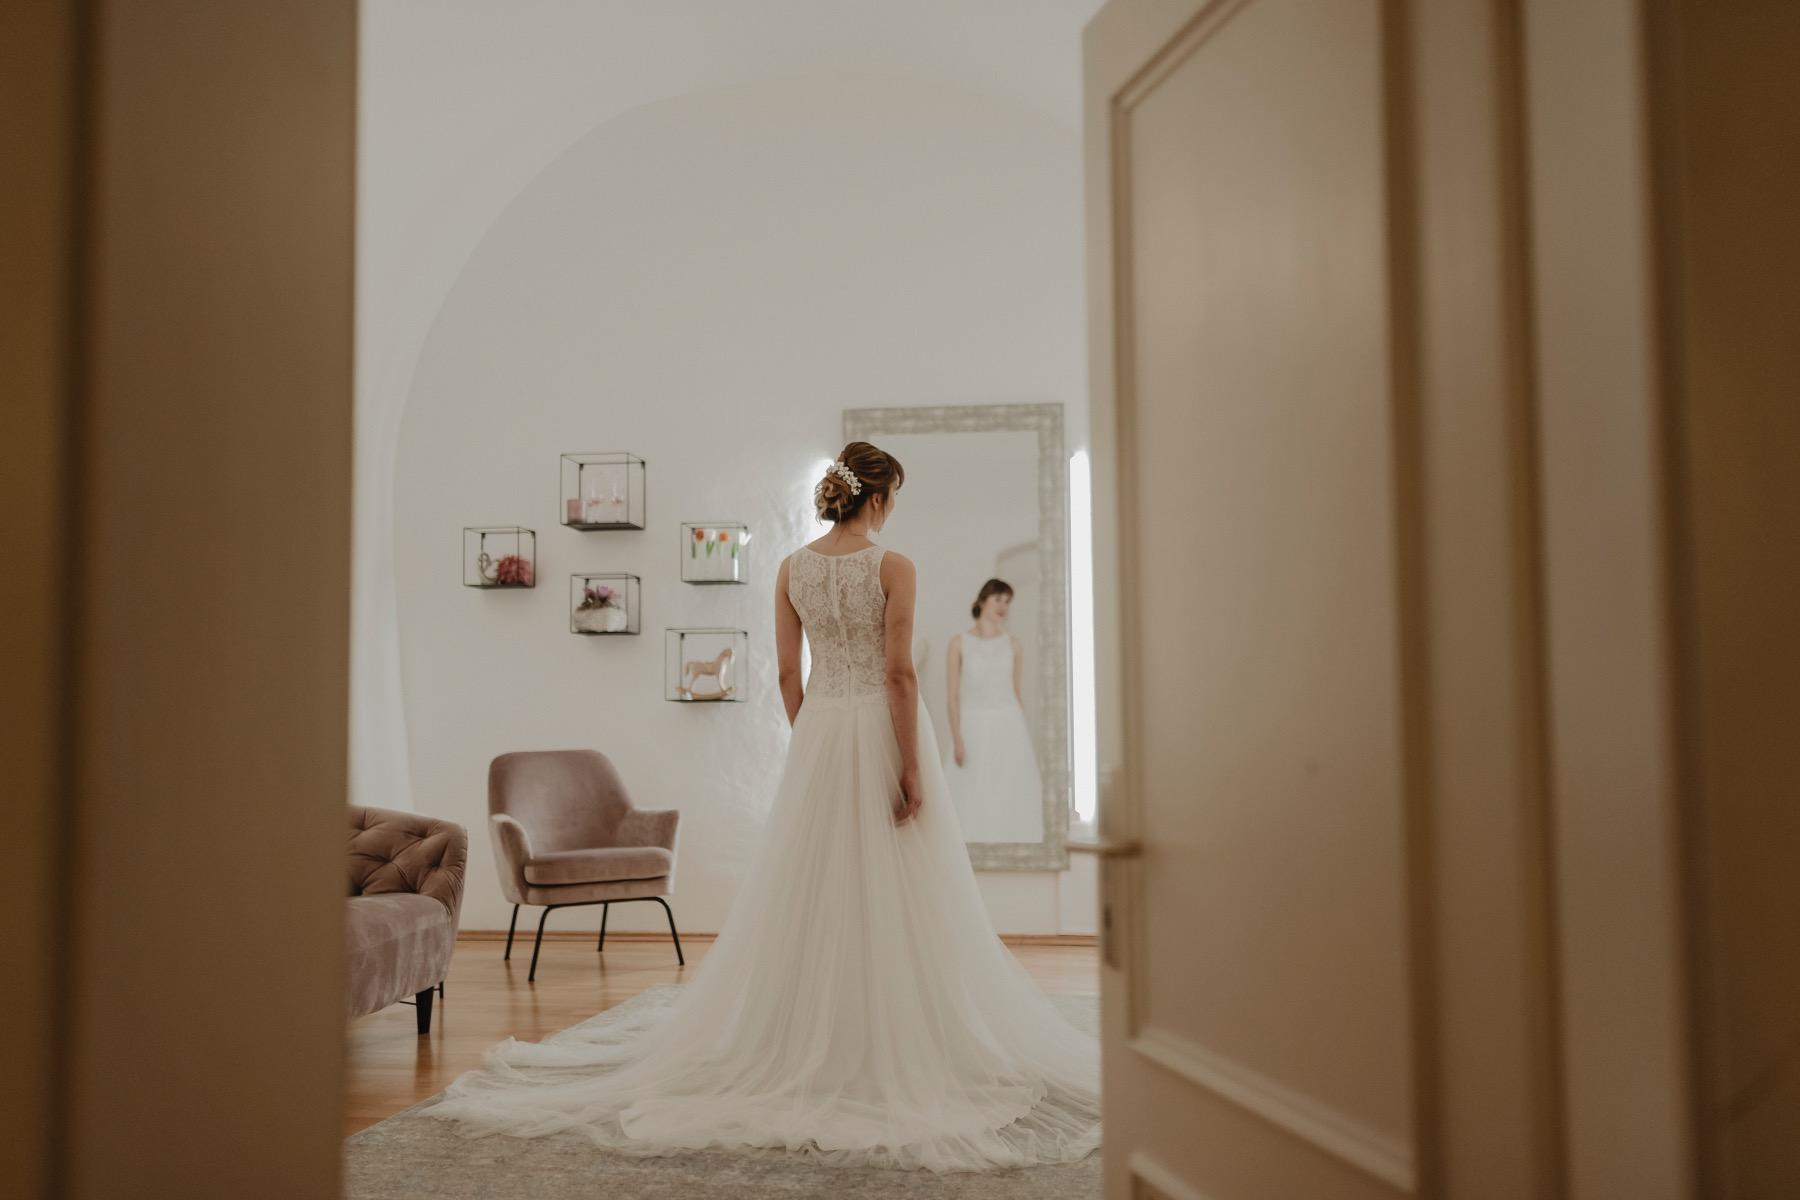 Jede Braut hat den Store nur für sich. – ©Marco Licht (Agentur Streetworker) und Marianne Bohn Fotografie